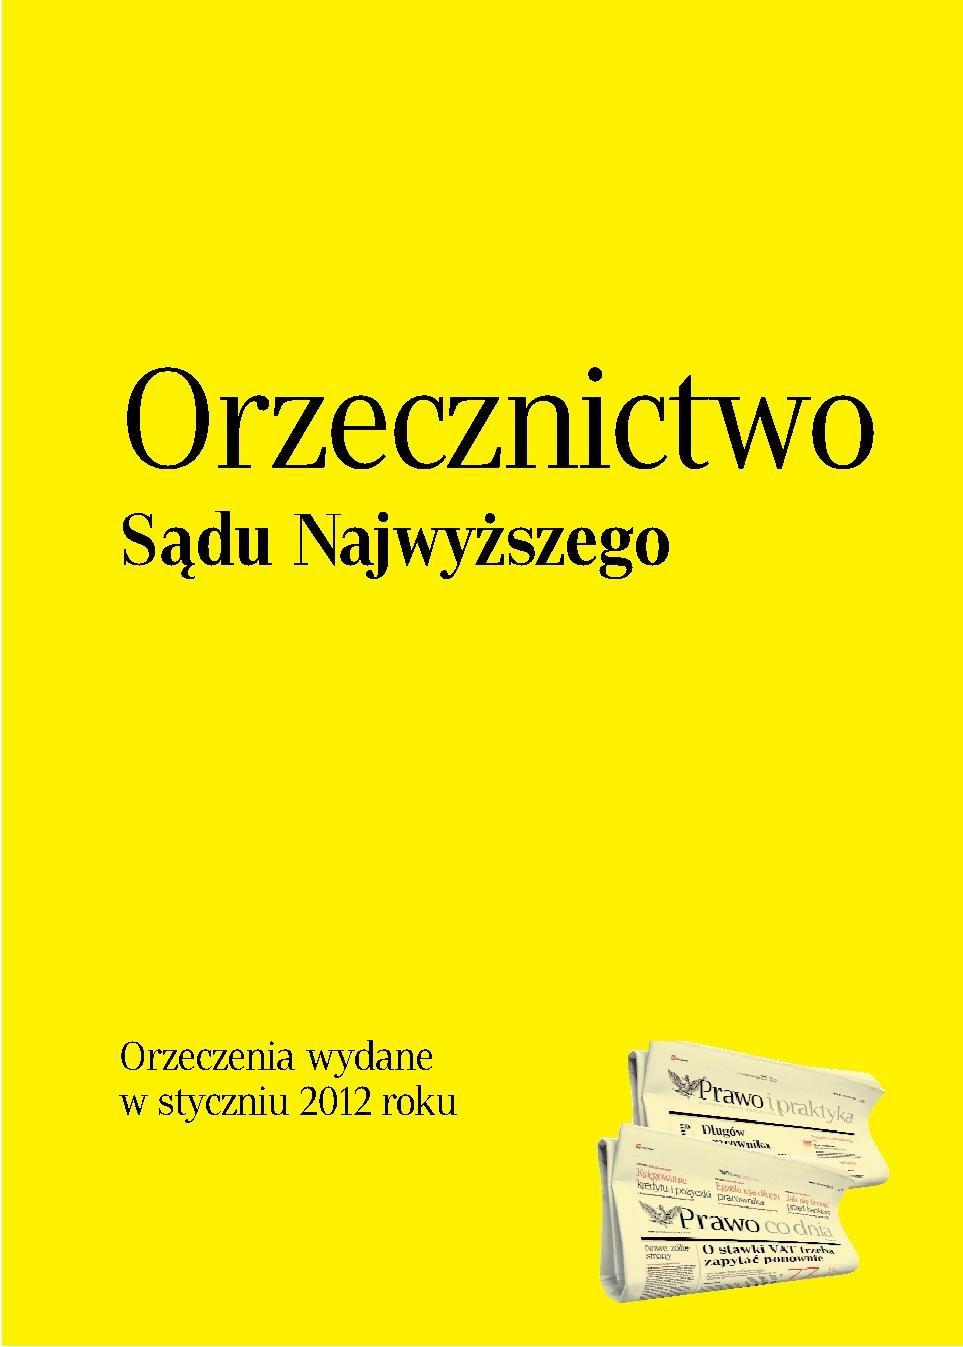 Orzecznictwo Sądu Najwyższego - styczeń 2012 - Ebook (Książka PDF) do pobrania w formacie PDF